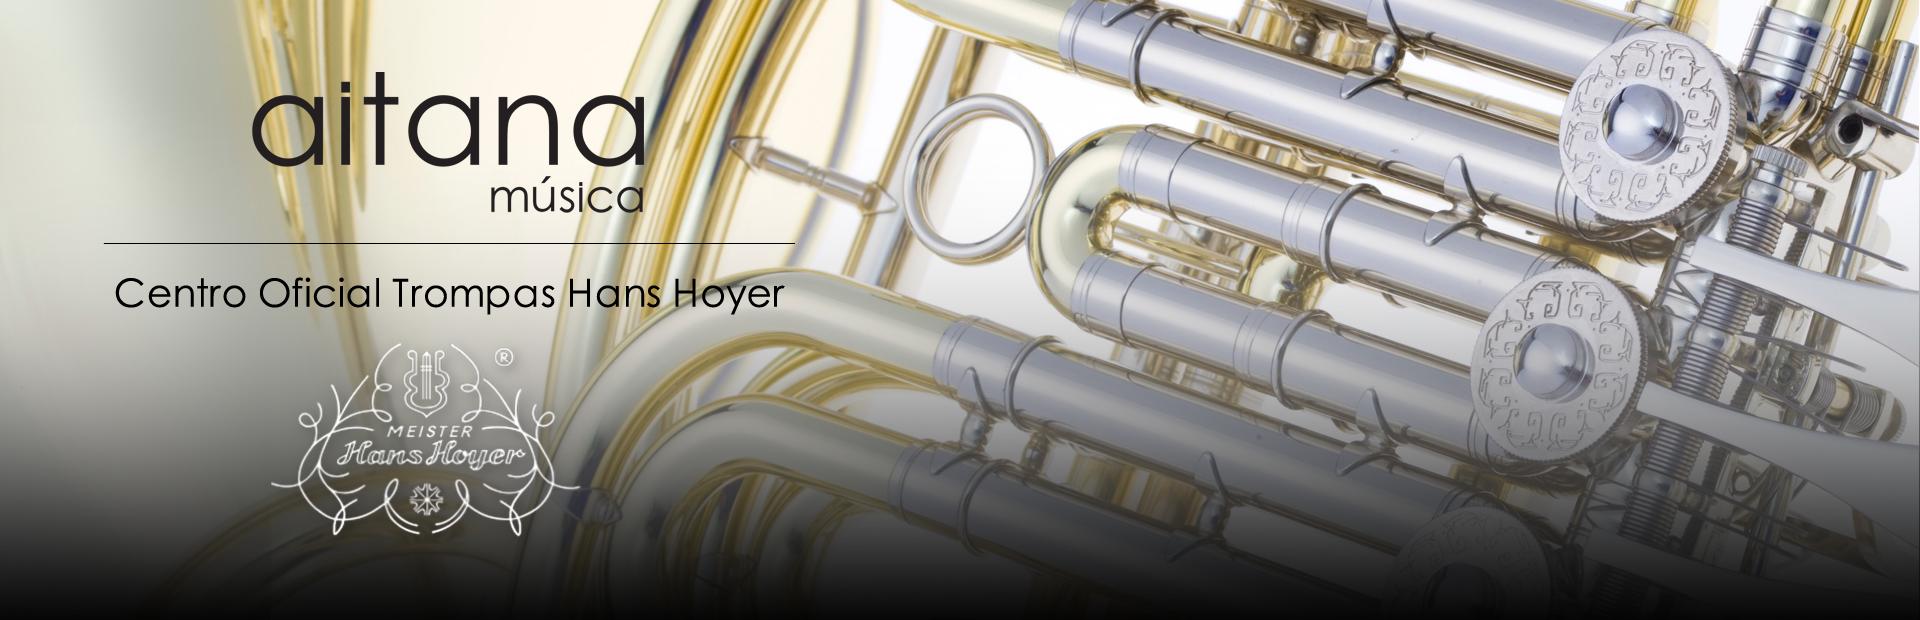 banner-trompasHans-Hoyer